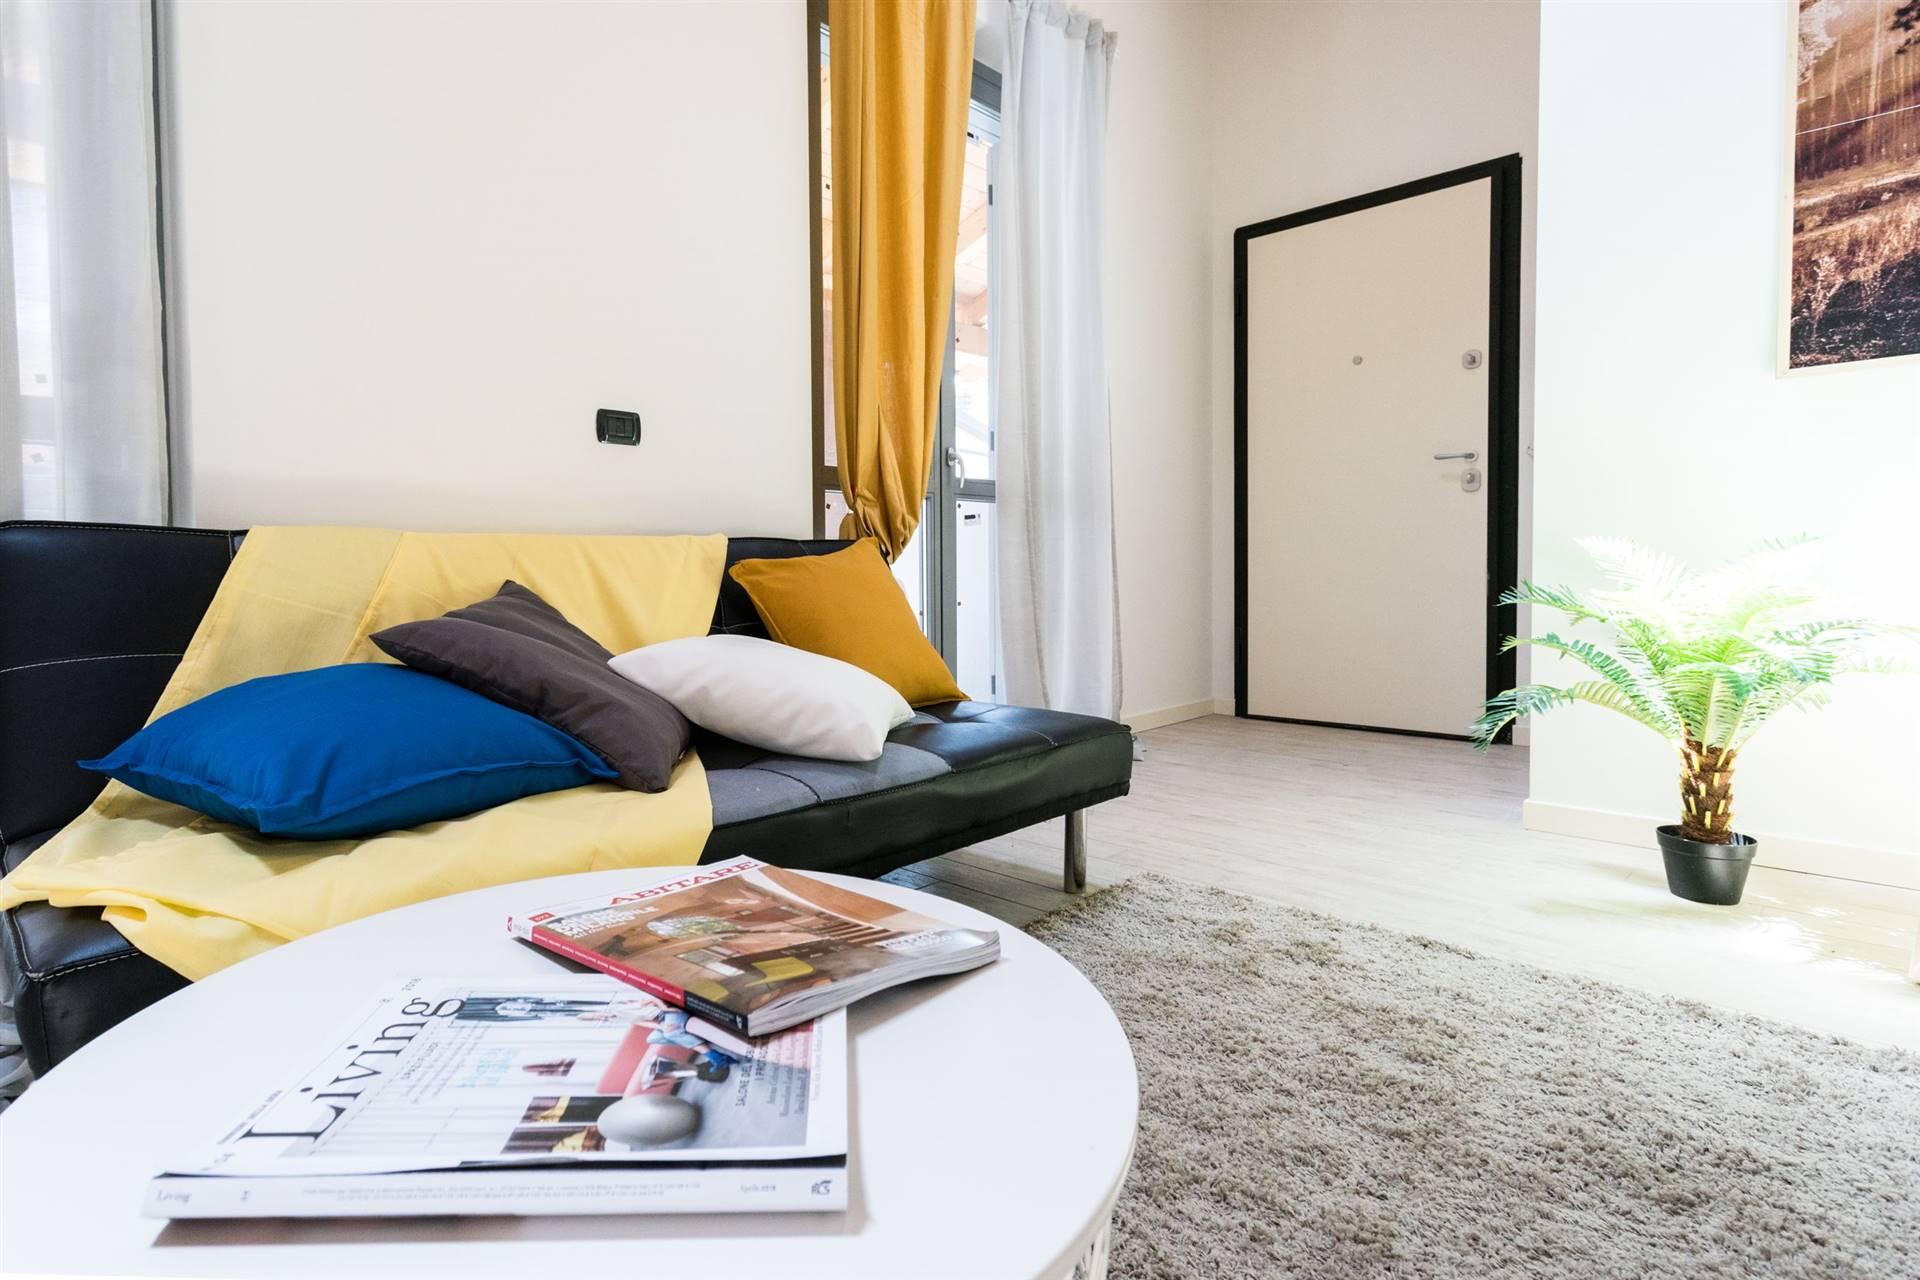 Appartamento in vendita a Cornate d'Adda, 1 locali, prezzo € 82.500 | CambioCasa.it